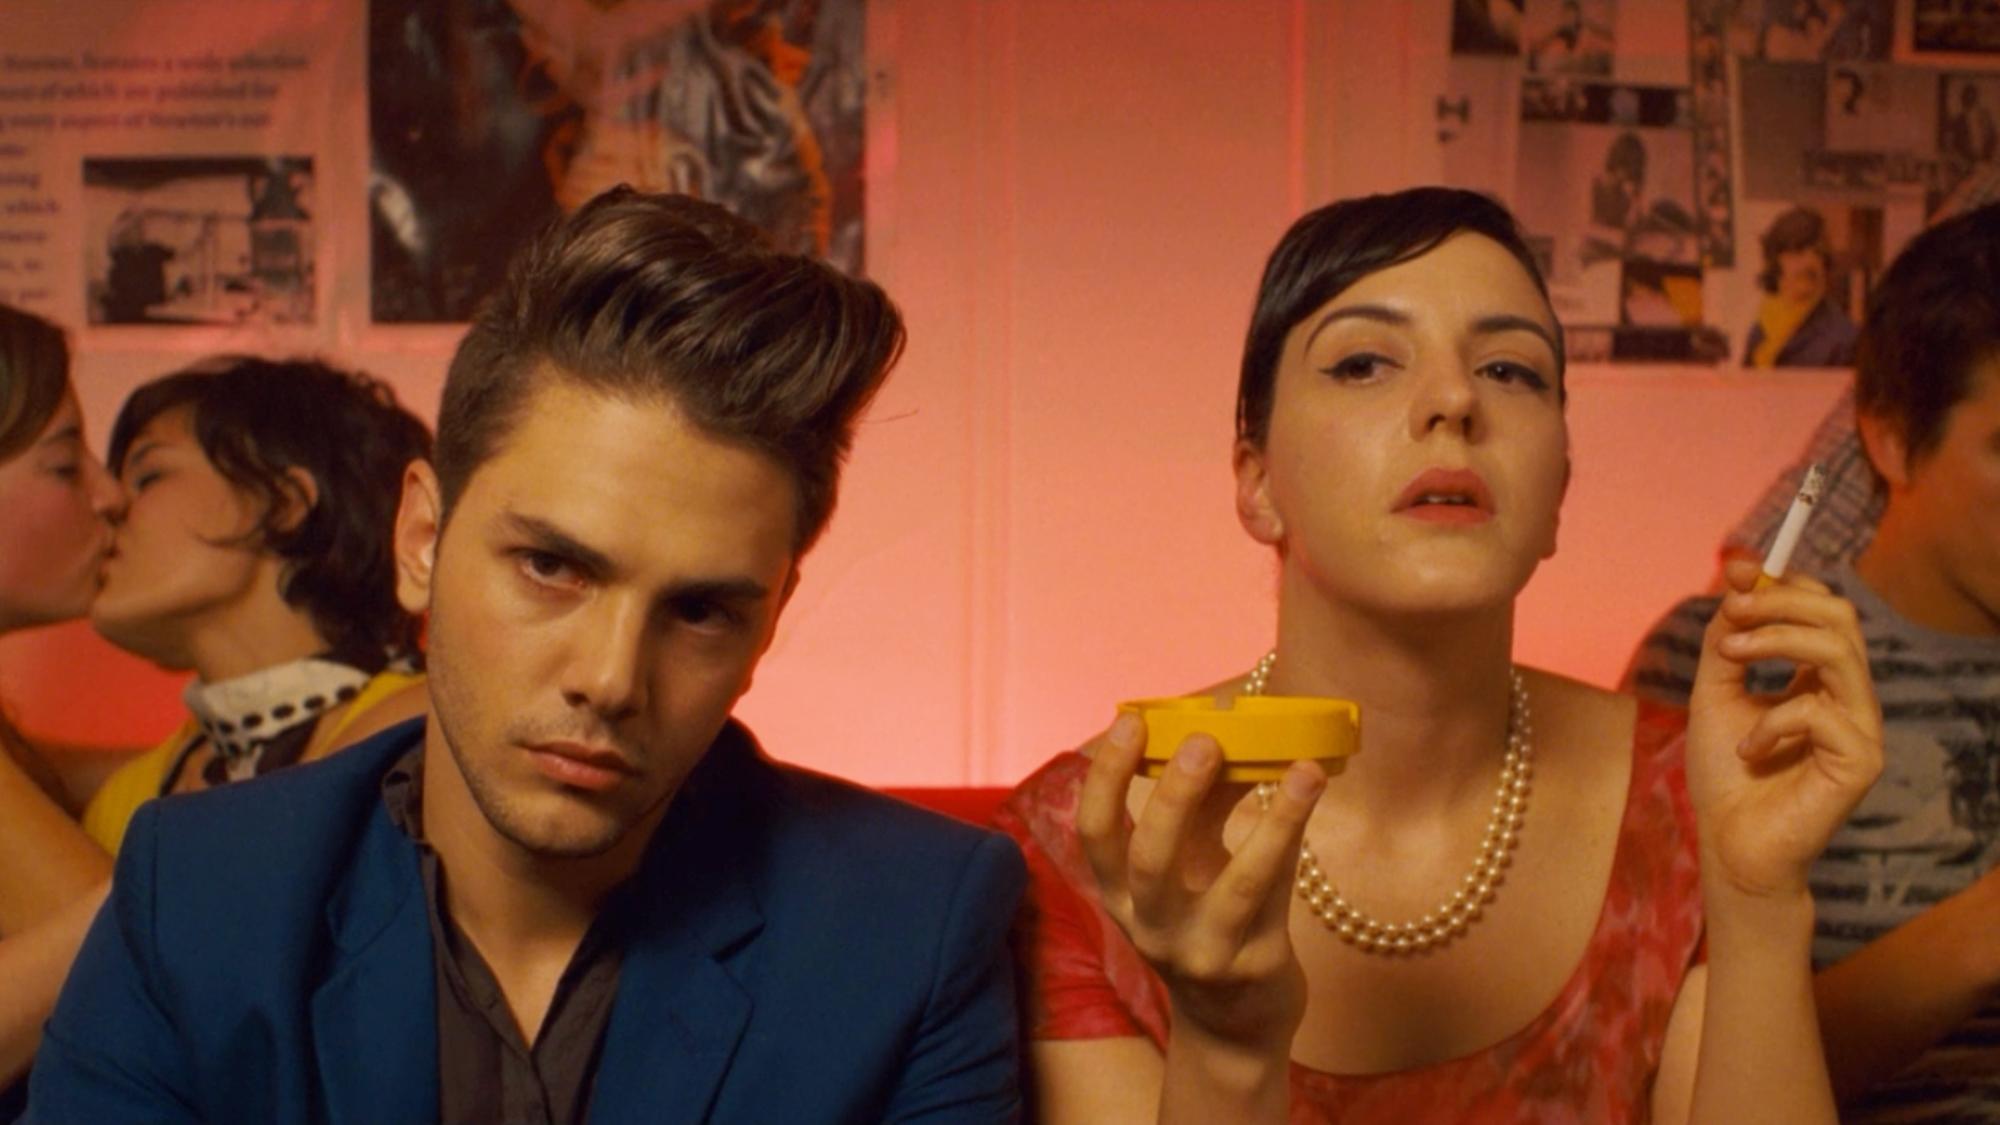 Kobieta i mężczyzna siedzą podczas imprezy, ona pali papierosa, on patrzy się pogardliwym wzrokiem.